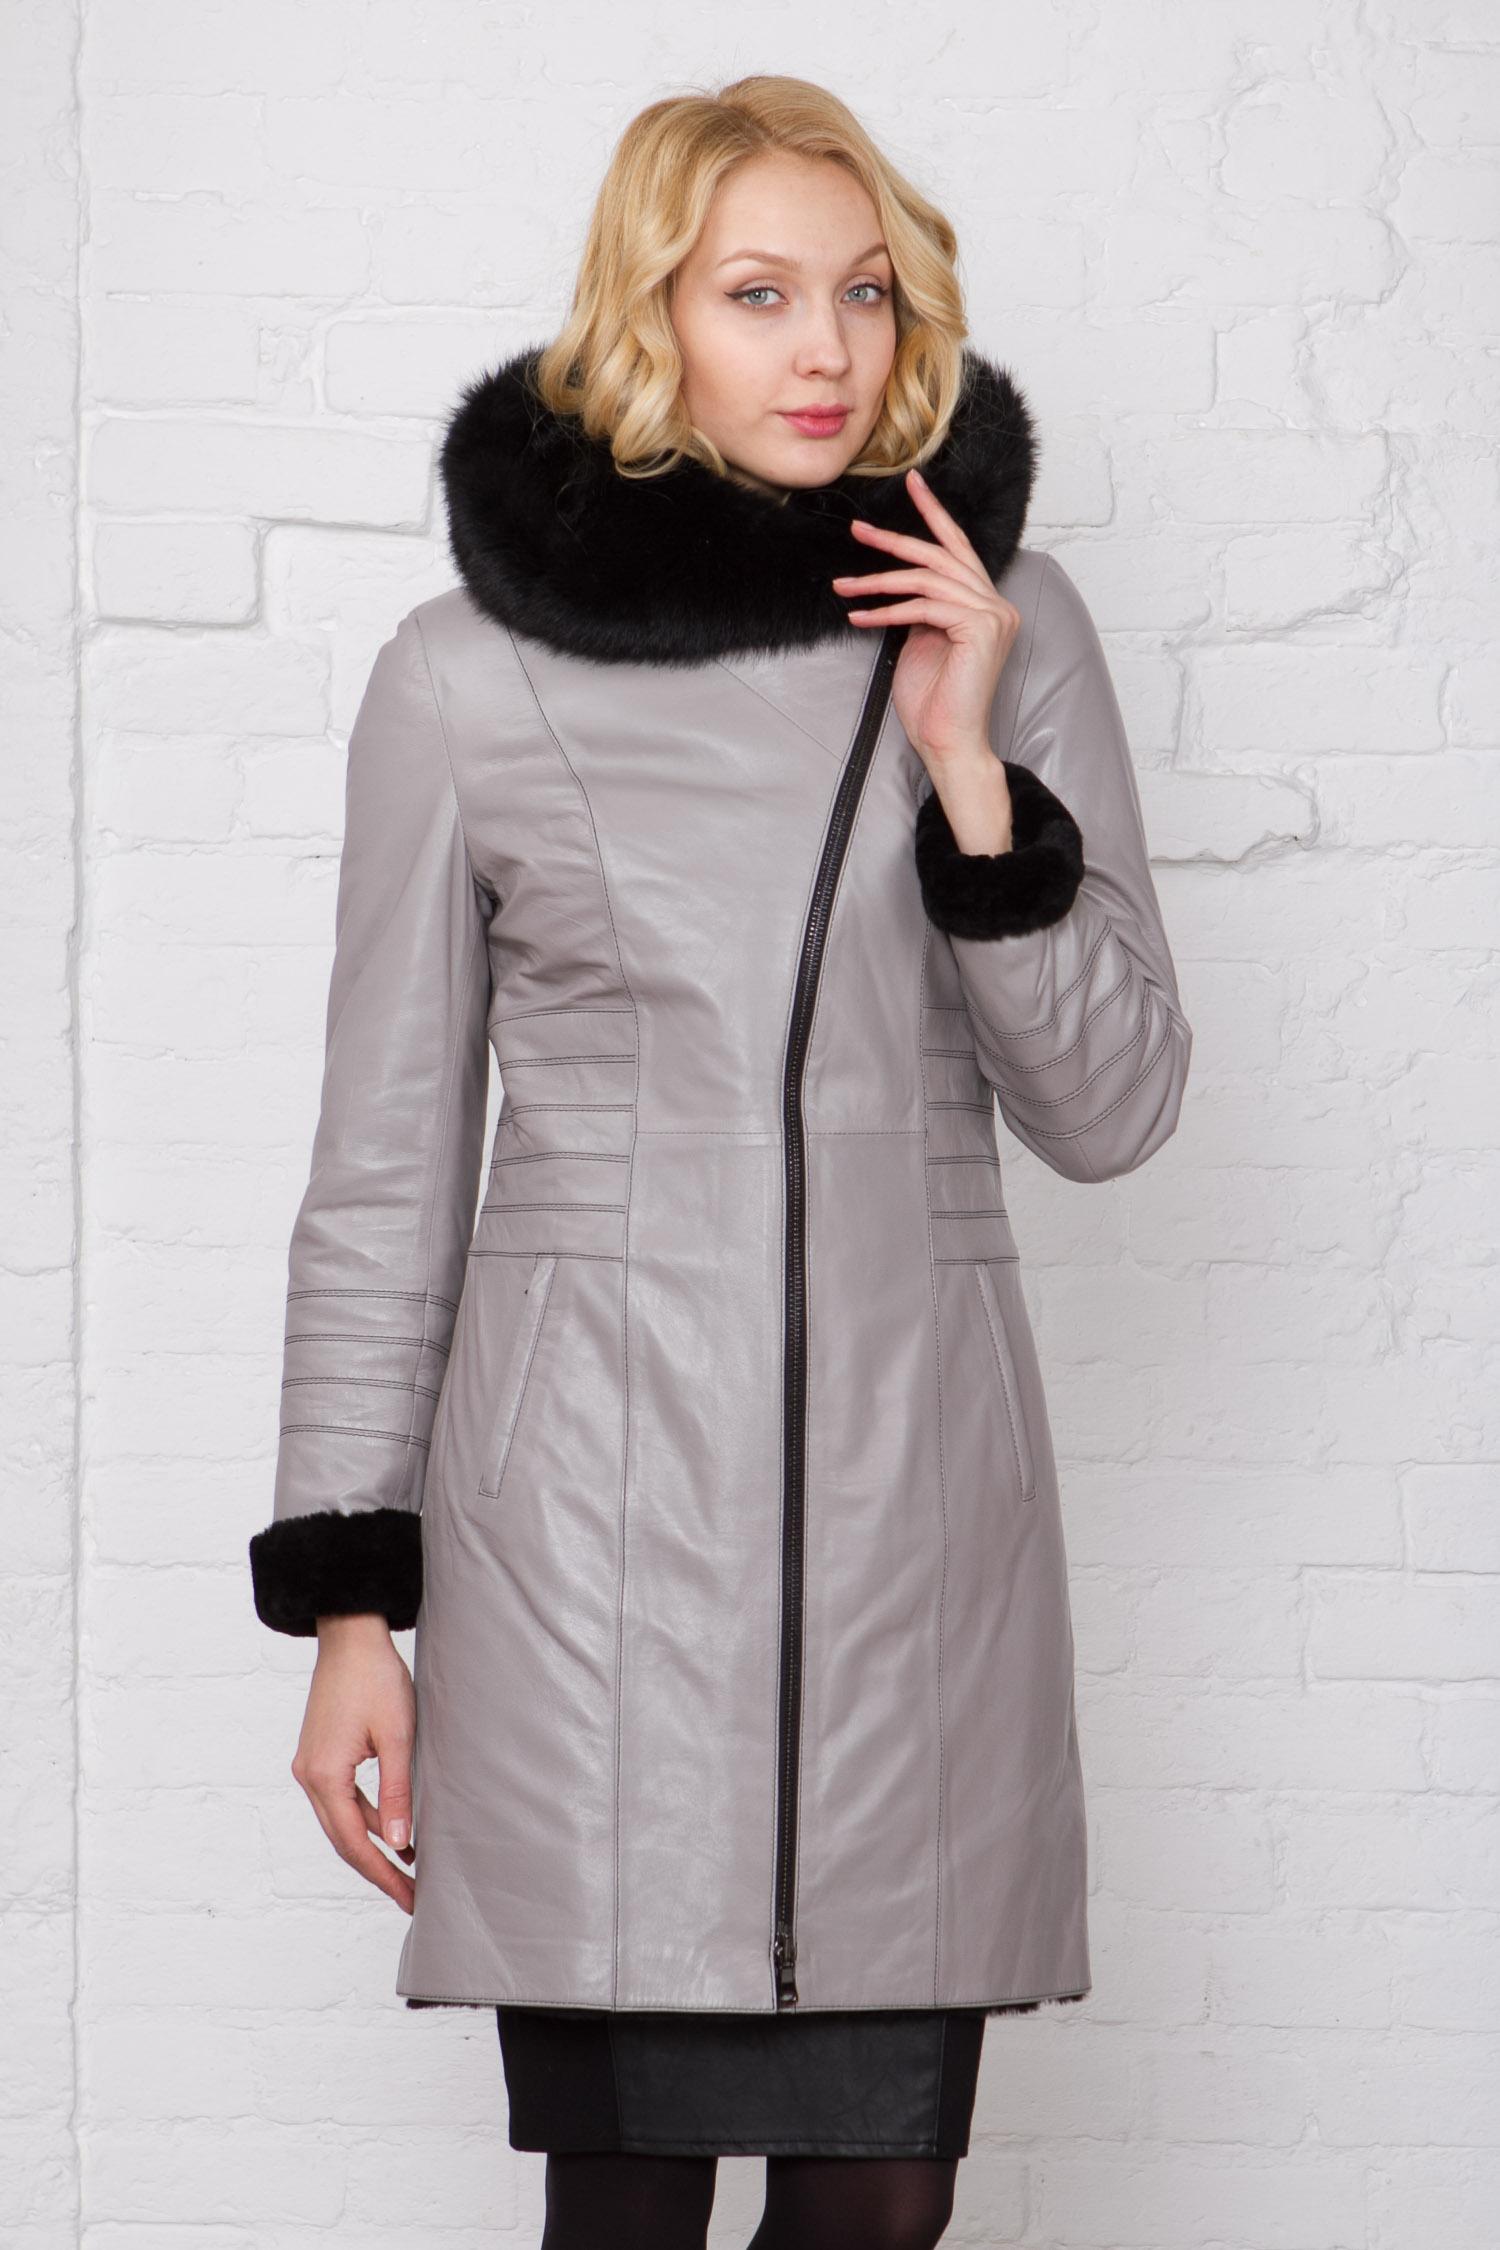 Фото - Женское кожаное пальто из натуральной кожи на меху с капюшоном, отделка тоскана от МОСМЕХА серого цвета